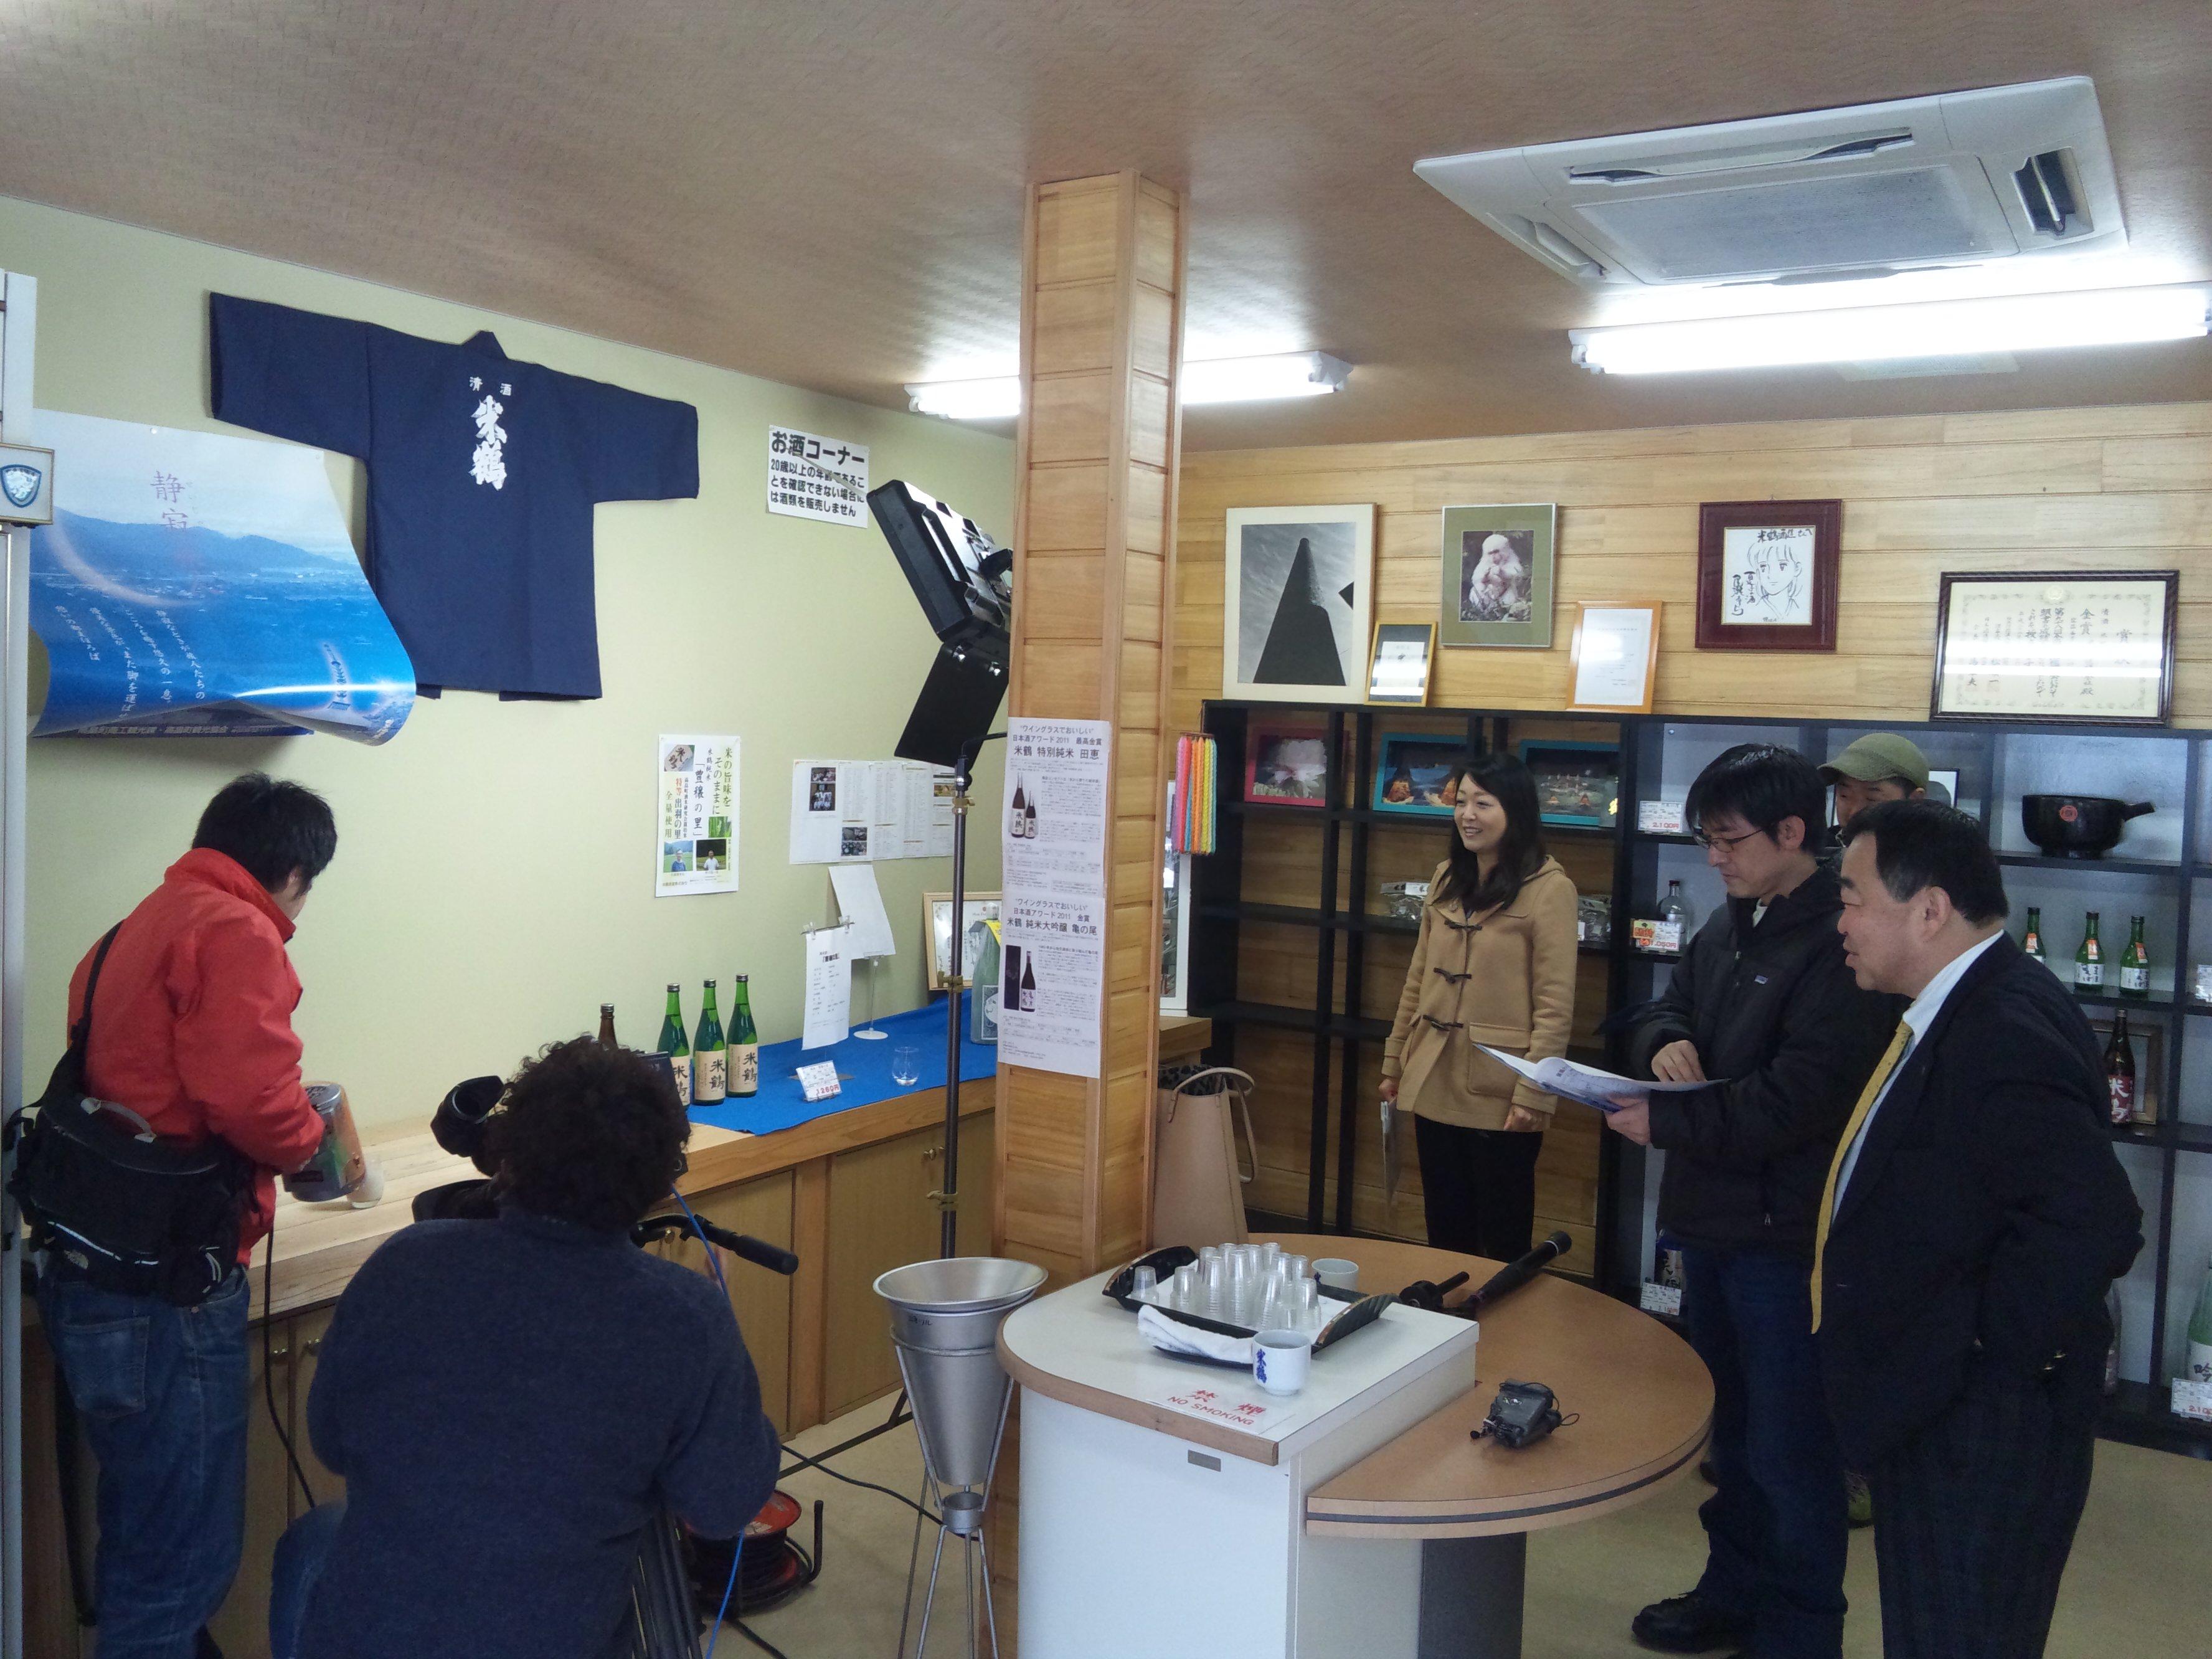 2013年3月30日テレビ放映:画像